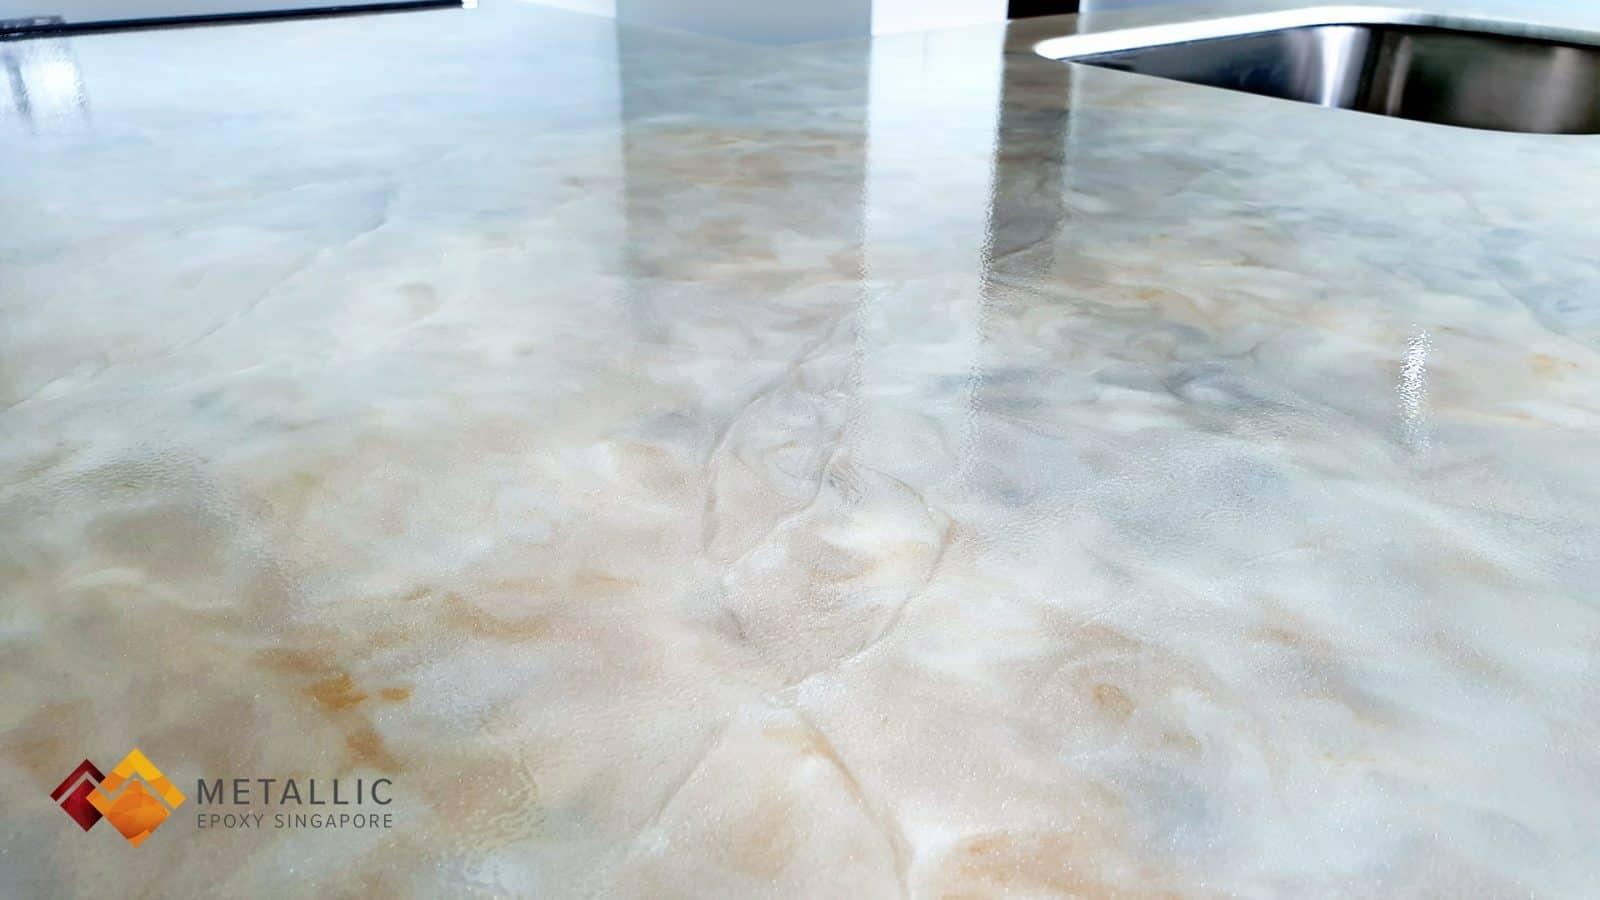 Metallic Epoxy Singapore White Mixed Marble Countertop